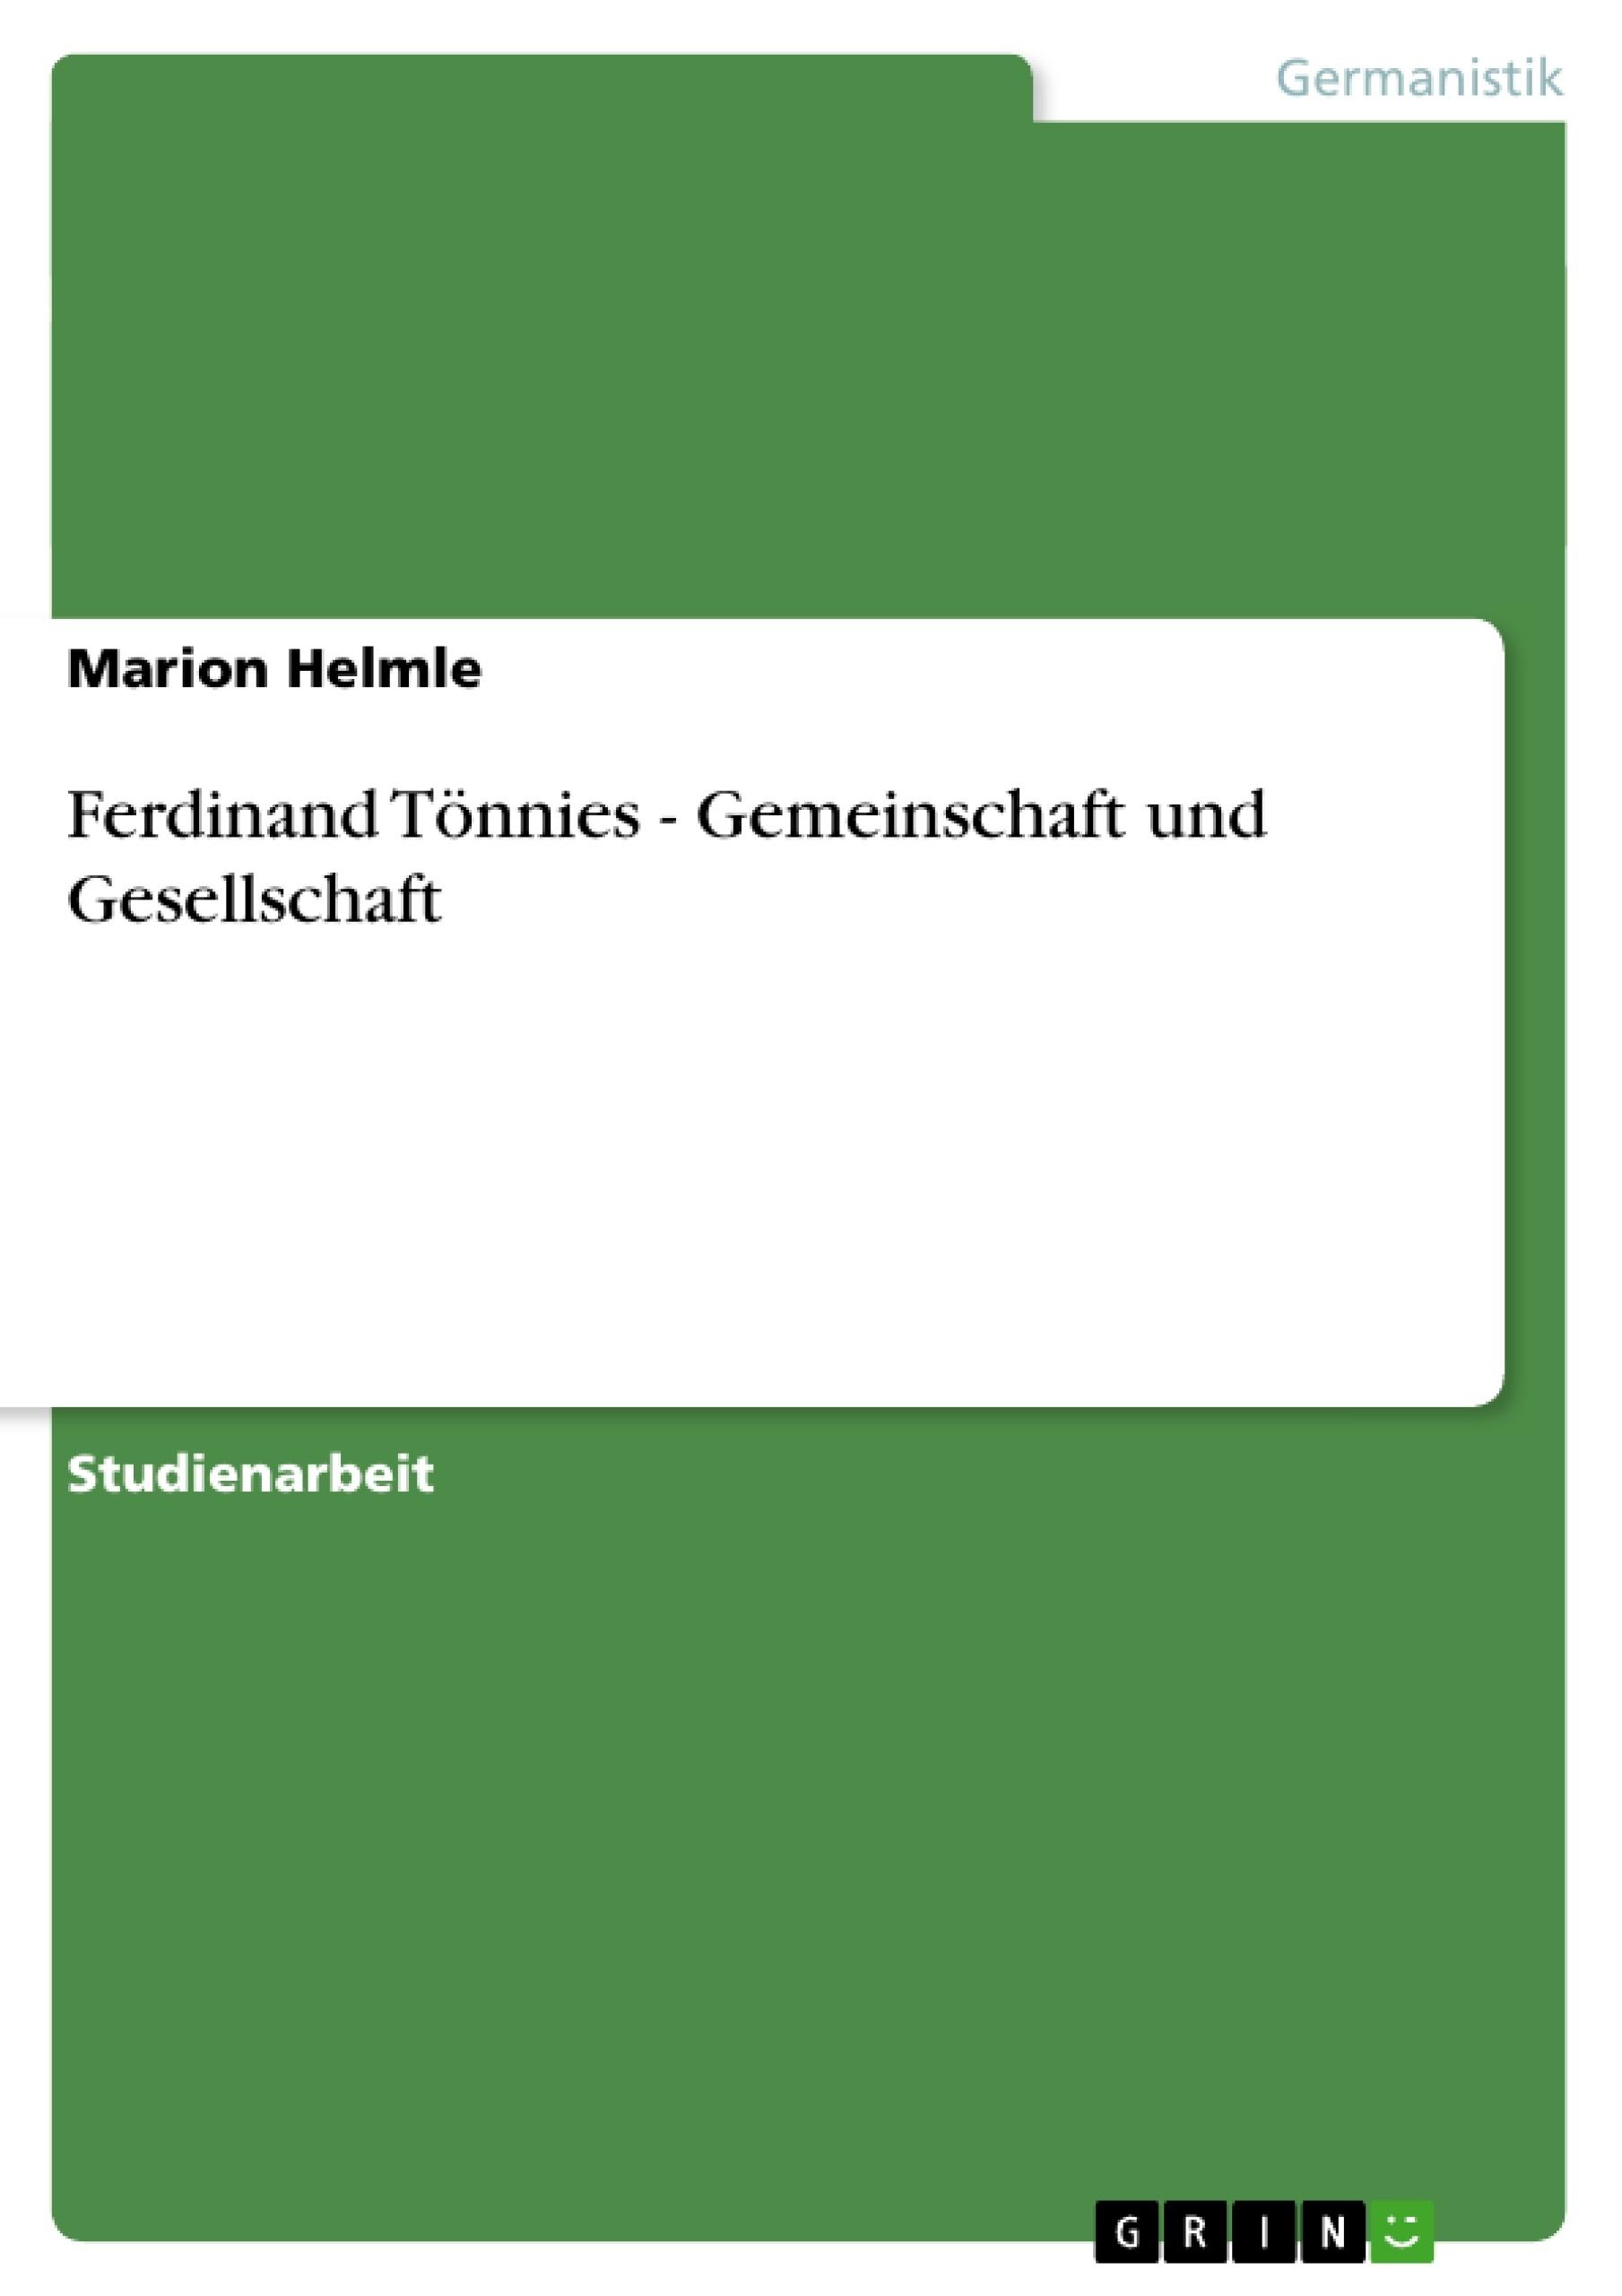 Titel: Ferdinand Tönnies - Gemeinschaft und Gesellschaft